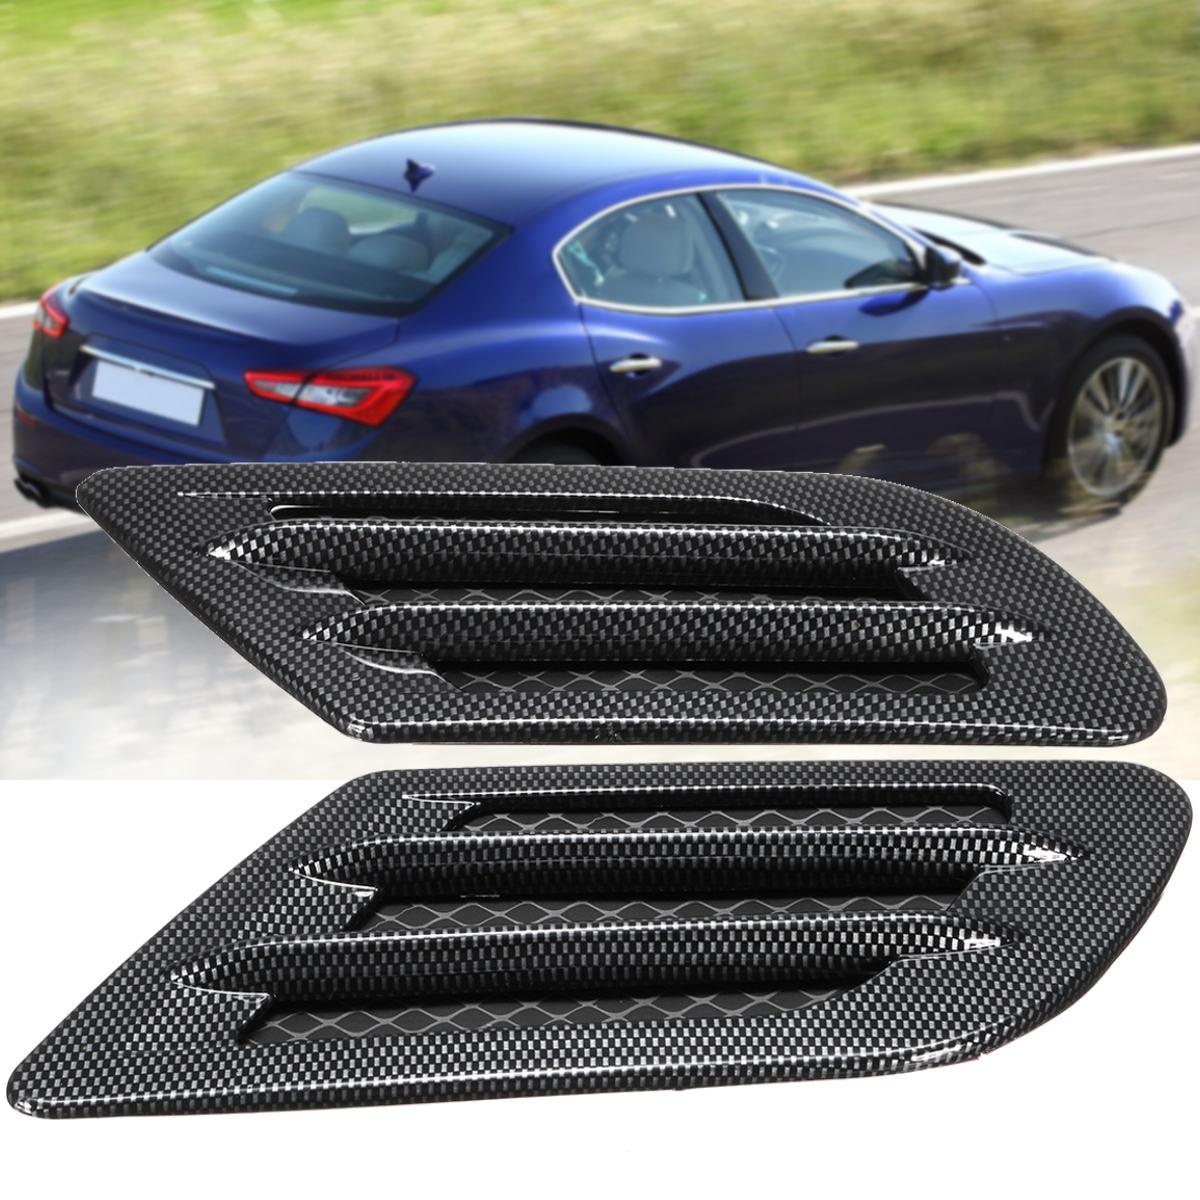 Car Bonnet Cover Carbon Fiber Air Intake Flow Side -Fender Vent Hood Scoop Sticker new 2x car decorative air flow intake scoop turbo bonnet vent cover hood for fender